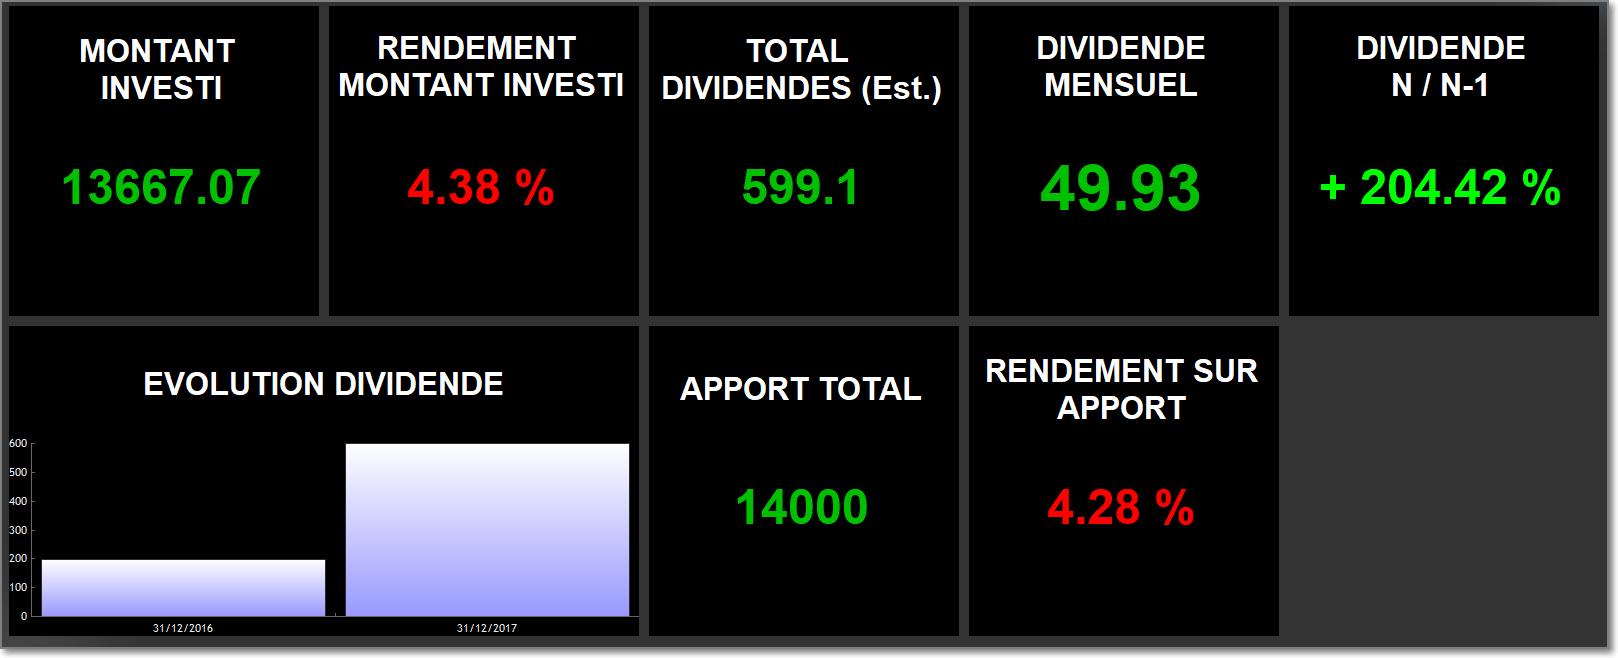 http://www.aristocrates-du-dividende.fr/wp-content/uploads/2017/12/Image887.png